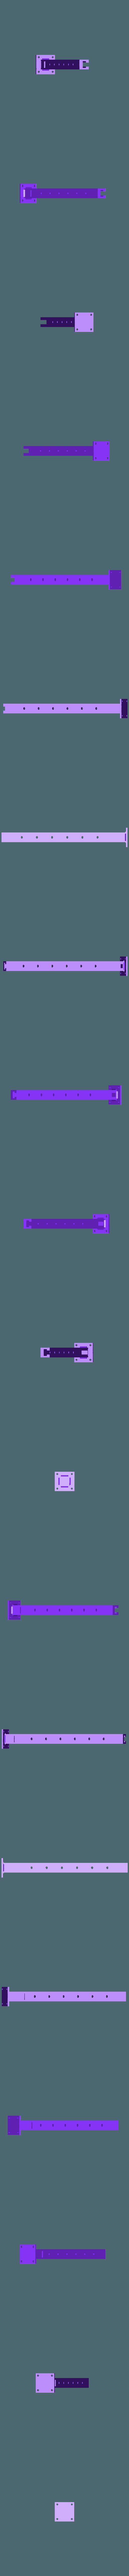 colonne 2.stl Télécharger fichier STL Pont 4 colonnes pour garage 1/10 • Design pour impression 3D, RCGANG93